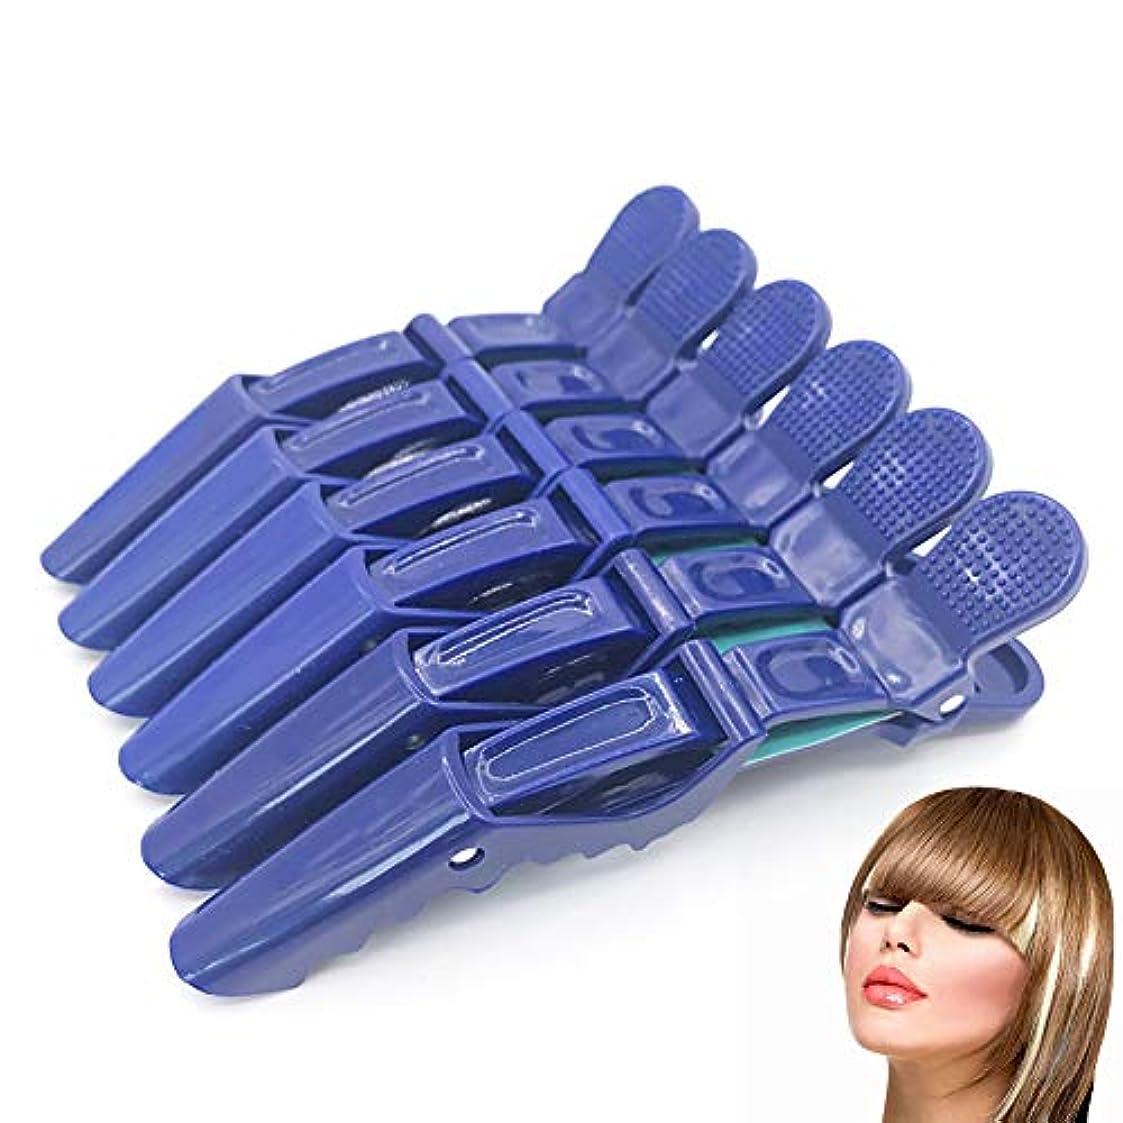 顕現減る完璧6 /保持クリップ、プロ毛髪はヘアクリップセグメント固体プラスチックノンスリップグリップワニ口クリップ髪、毛の粗い及び細かい歯幅(青)切断